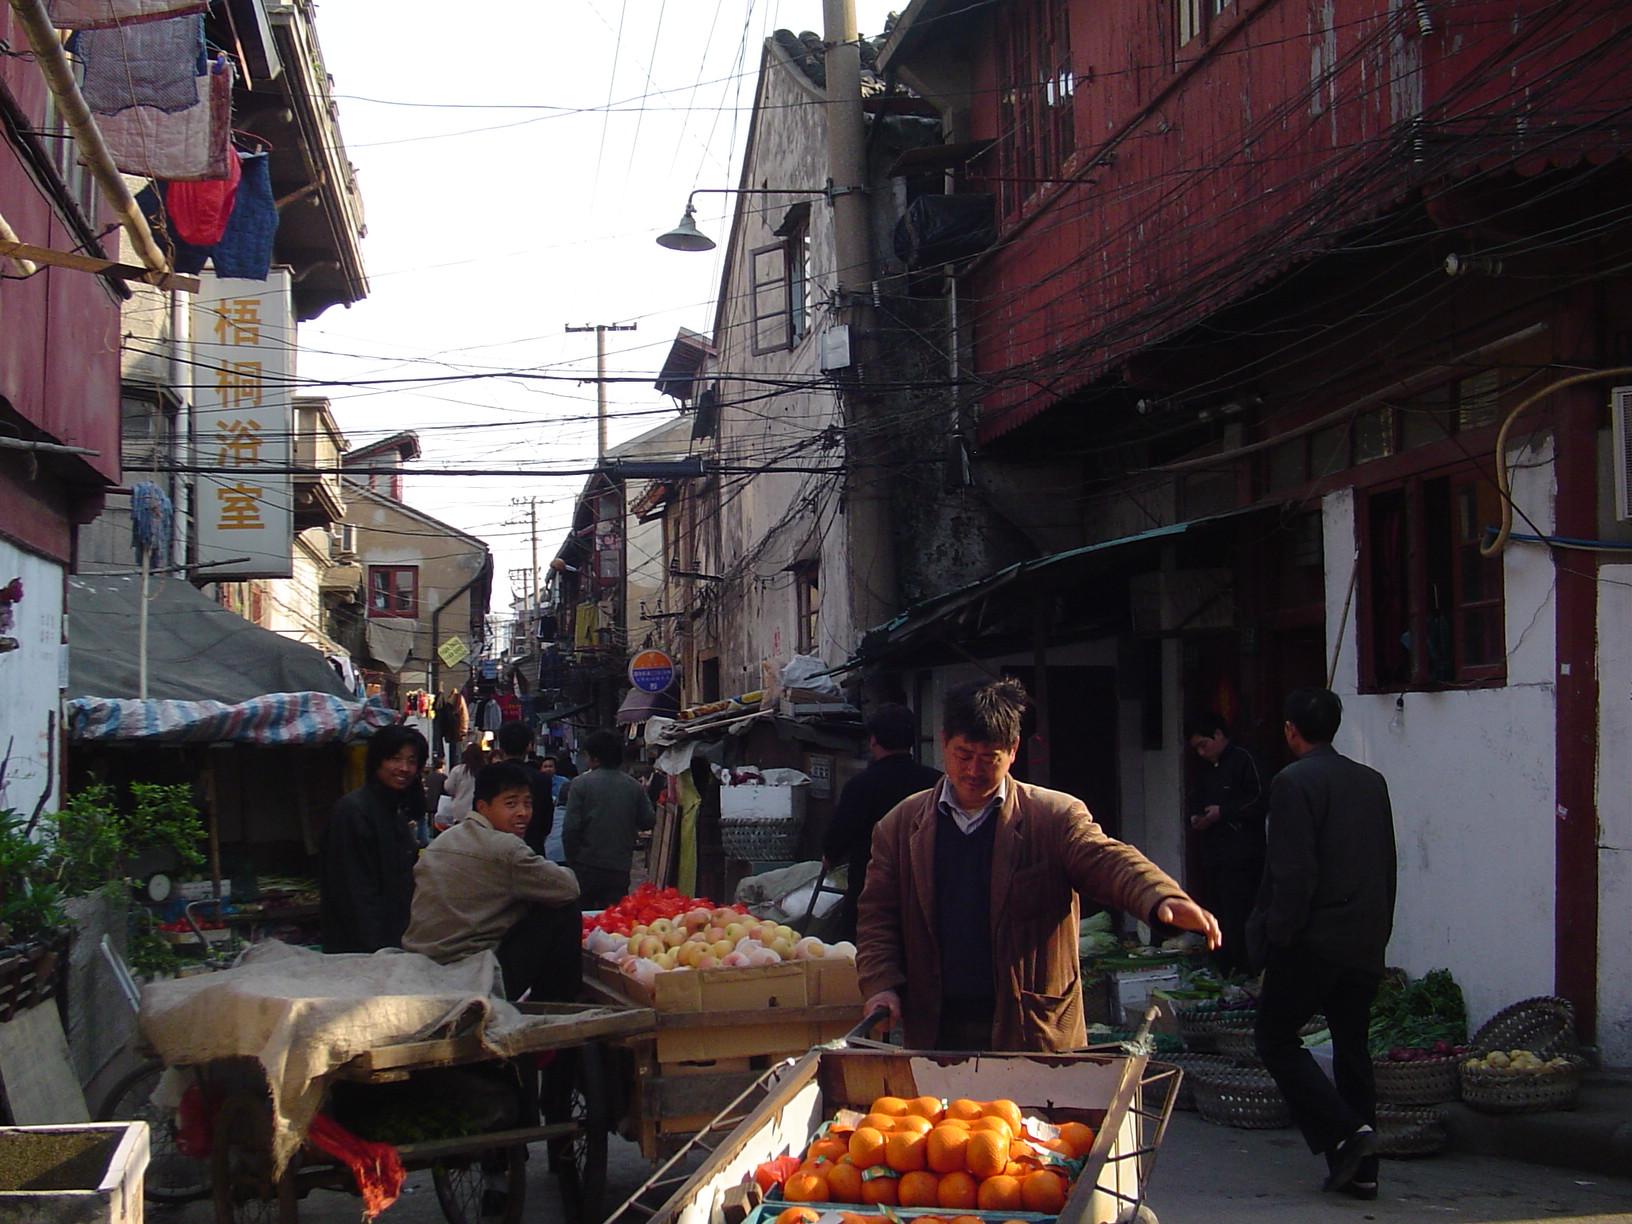 Ulični trgovci svakodnevno se probijaju kroz horde turista